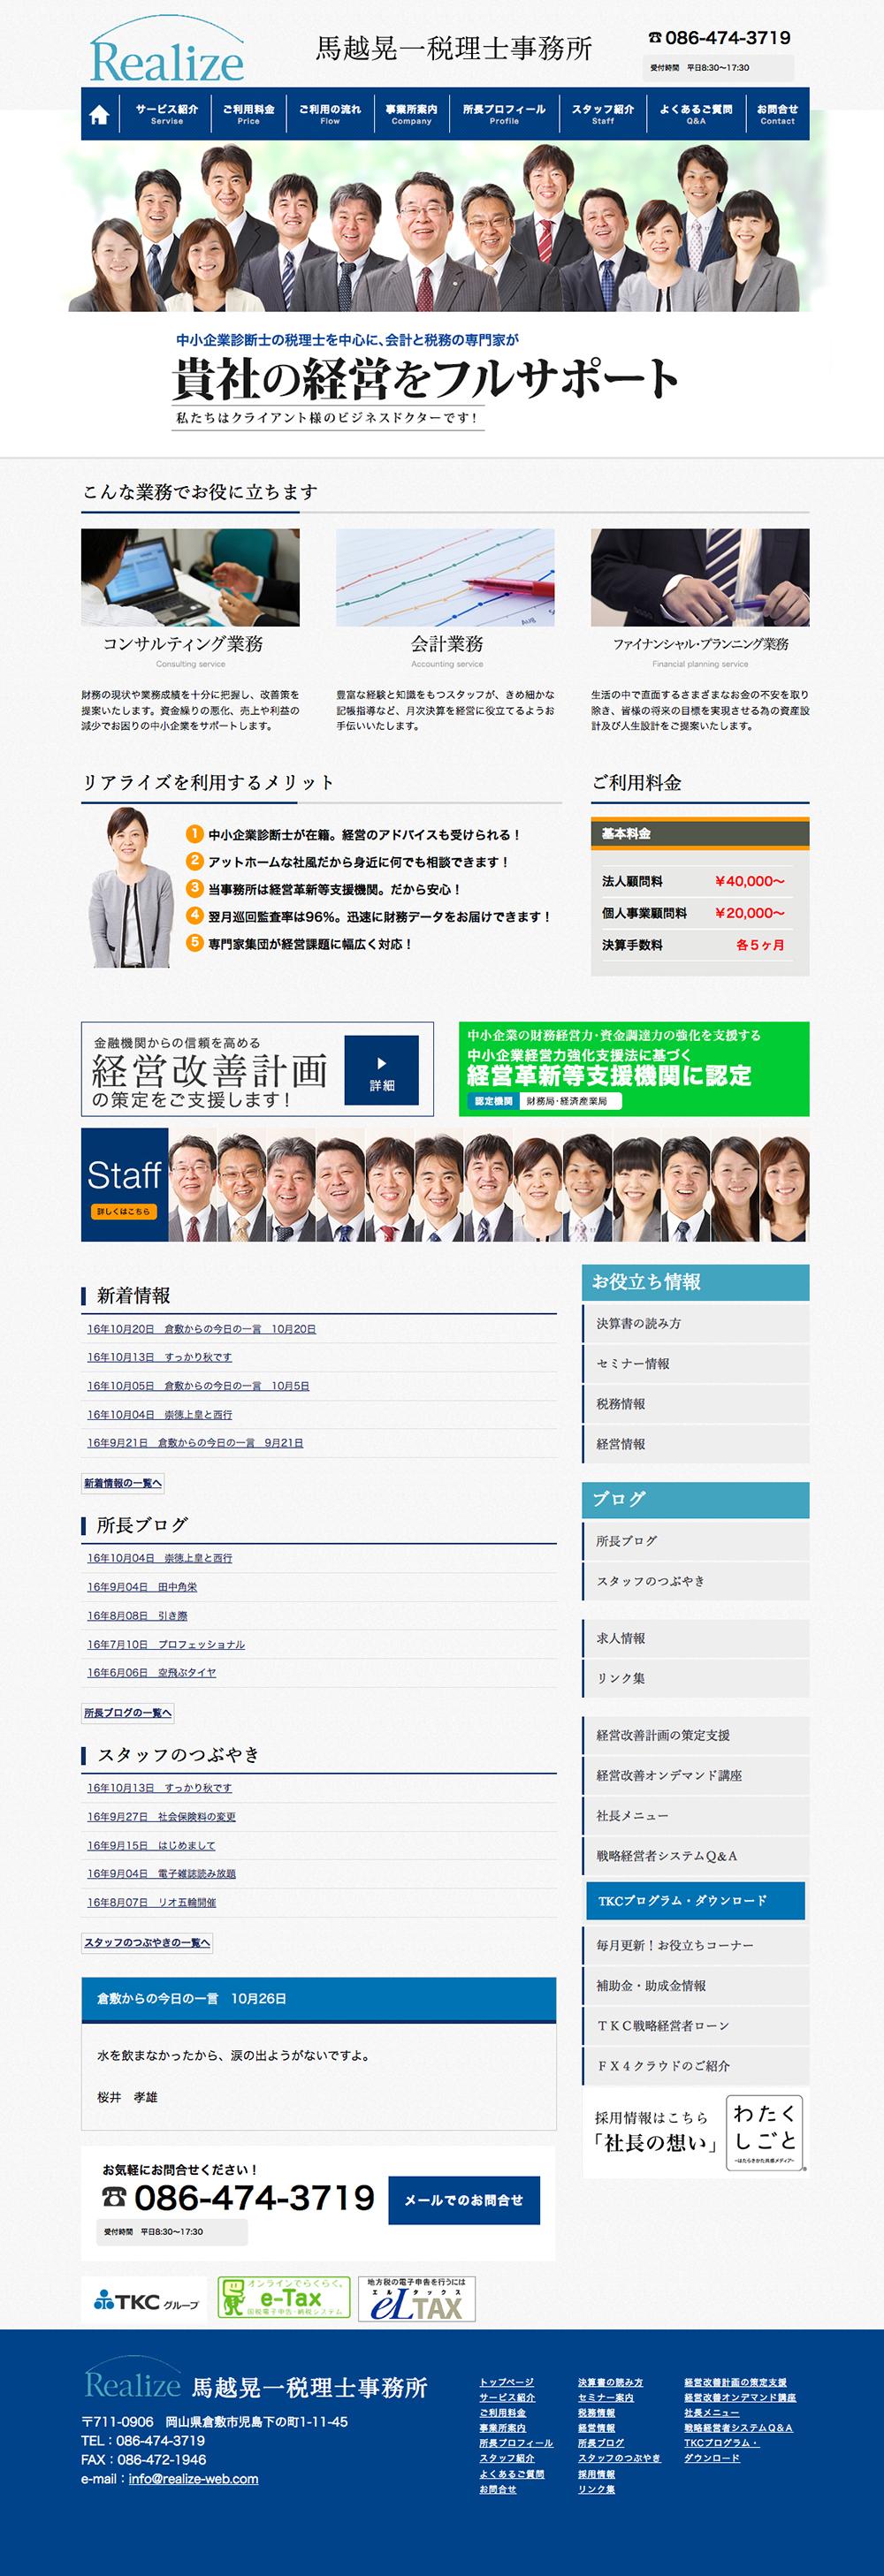 岡山の税理士事務所-リアライズ 馬越晃